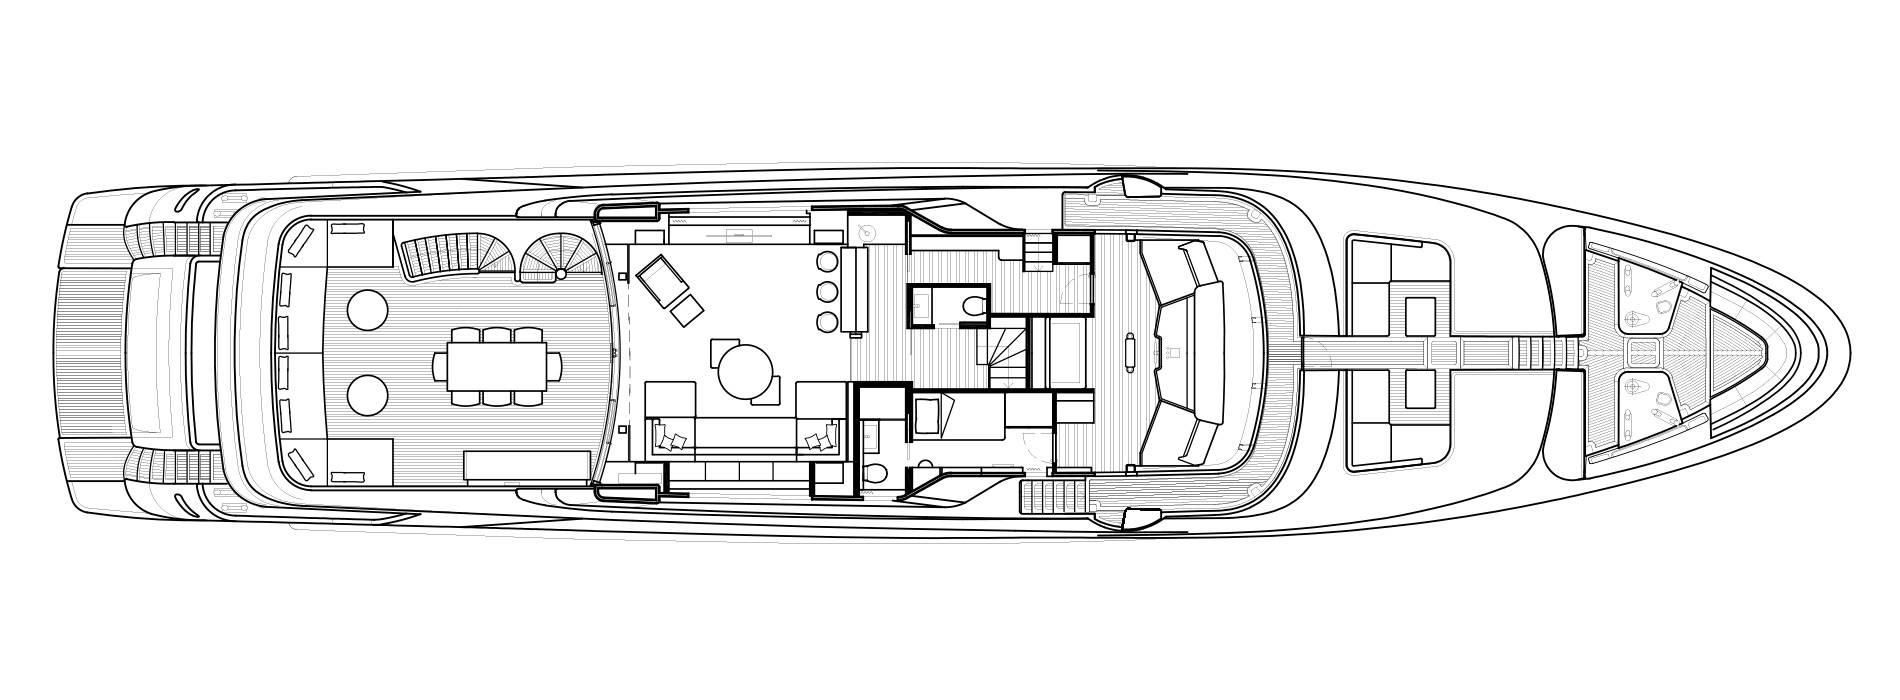 Sanlorenzo Yachts SD126 Upper Deck